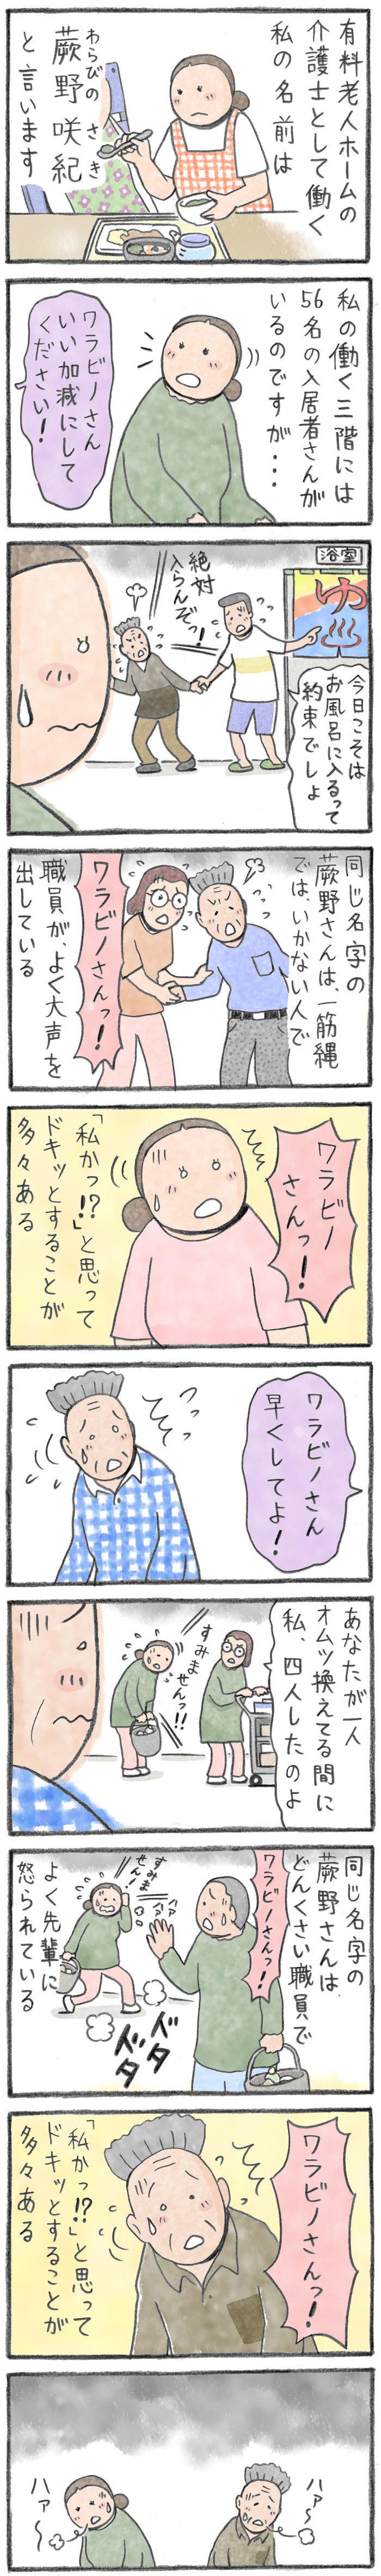 ワラビノさん.jpg